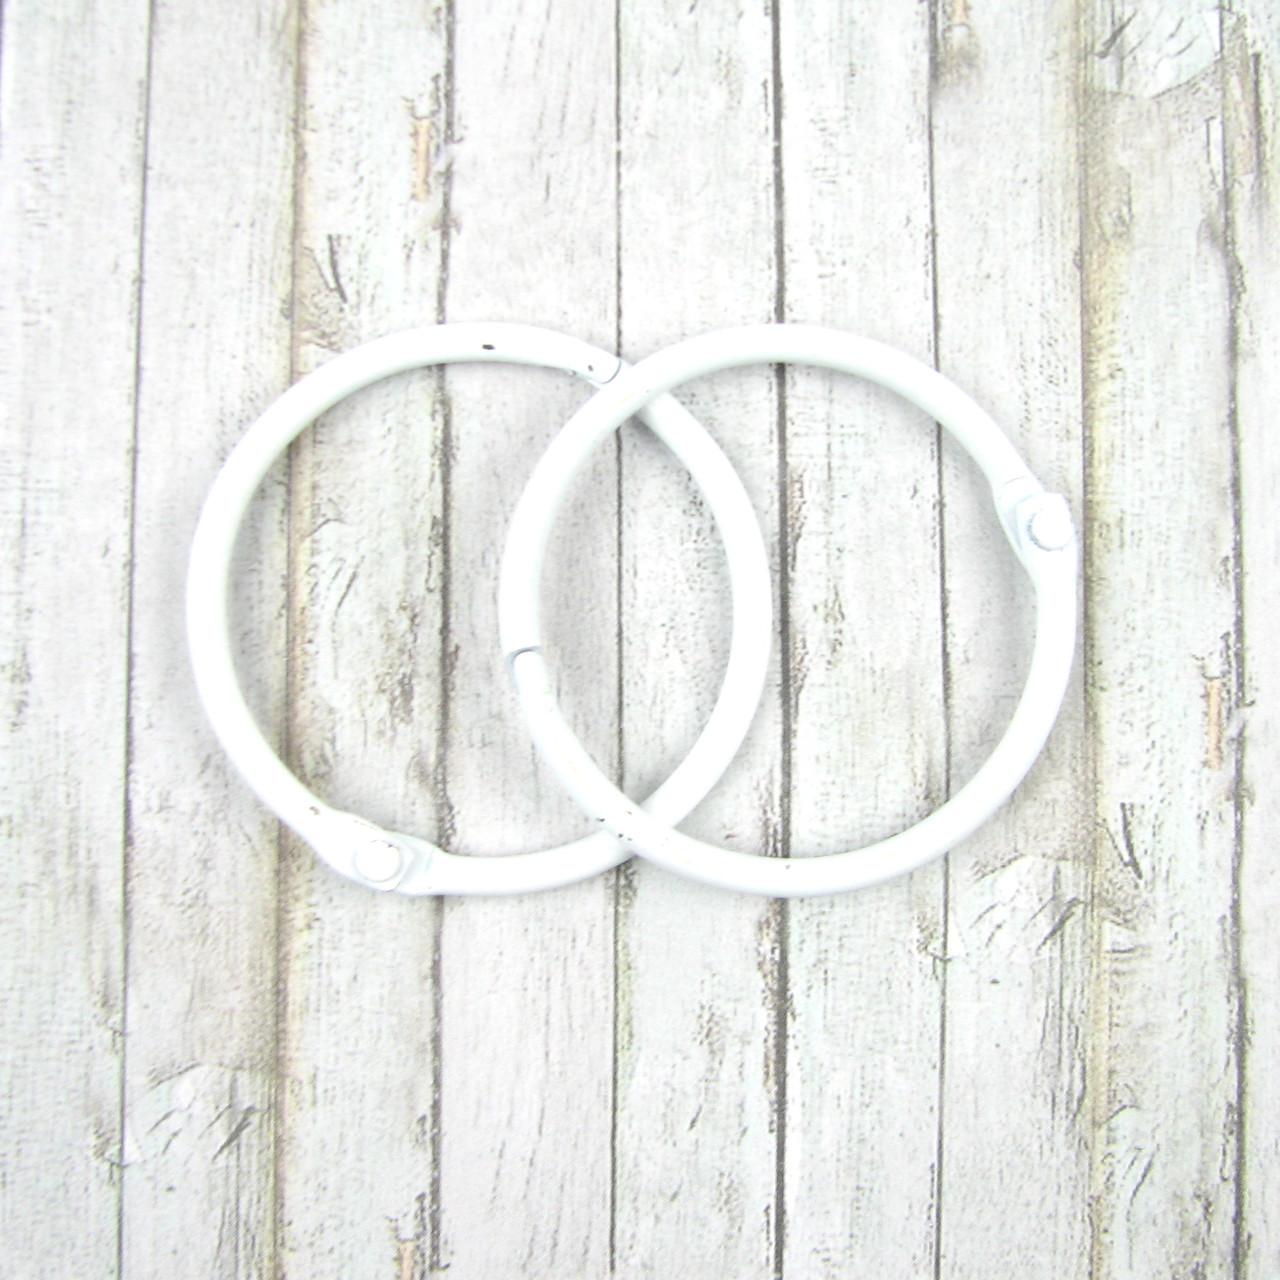 Кольца для альбомов, ,белые 40мм 2шт в наборе